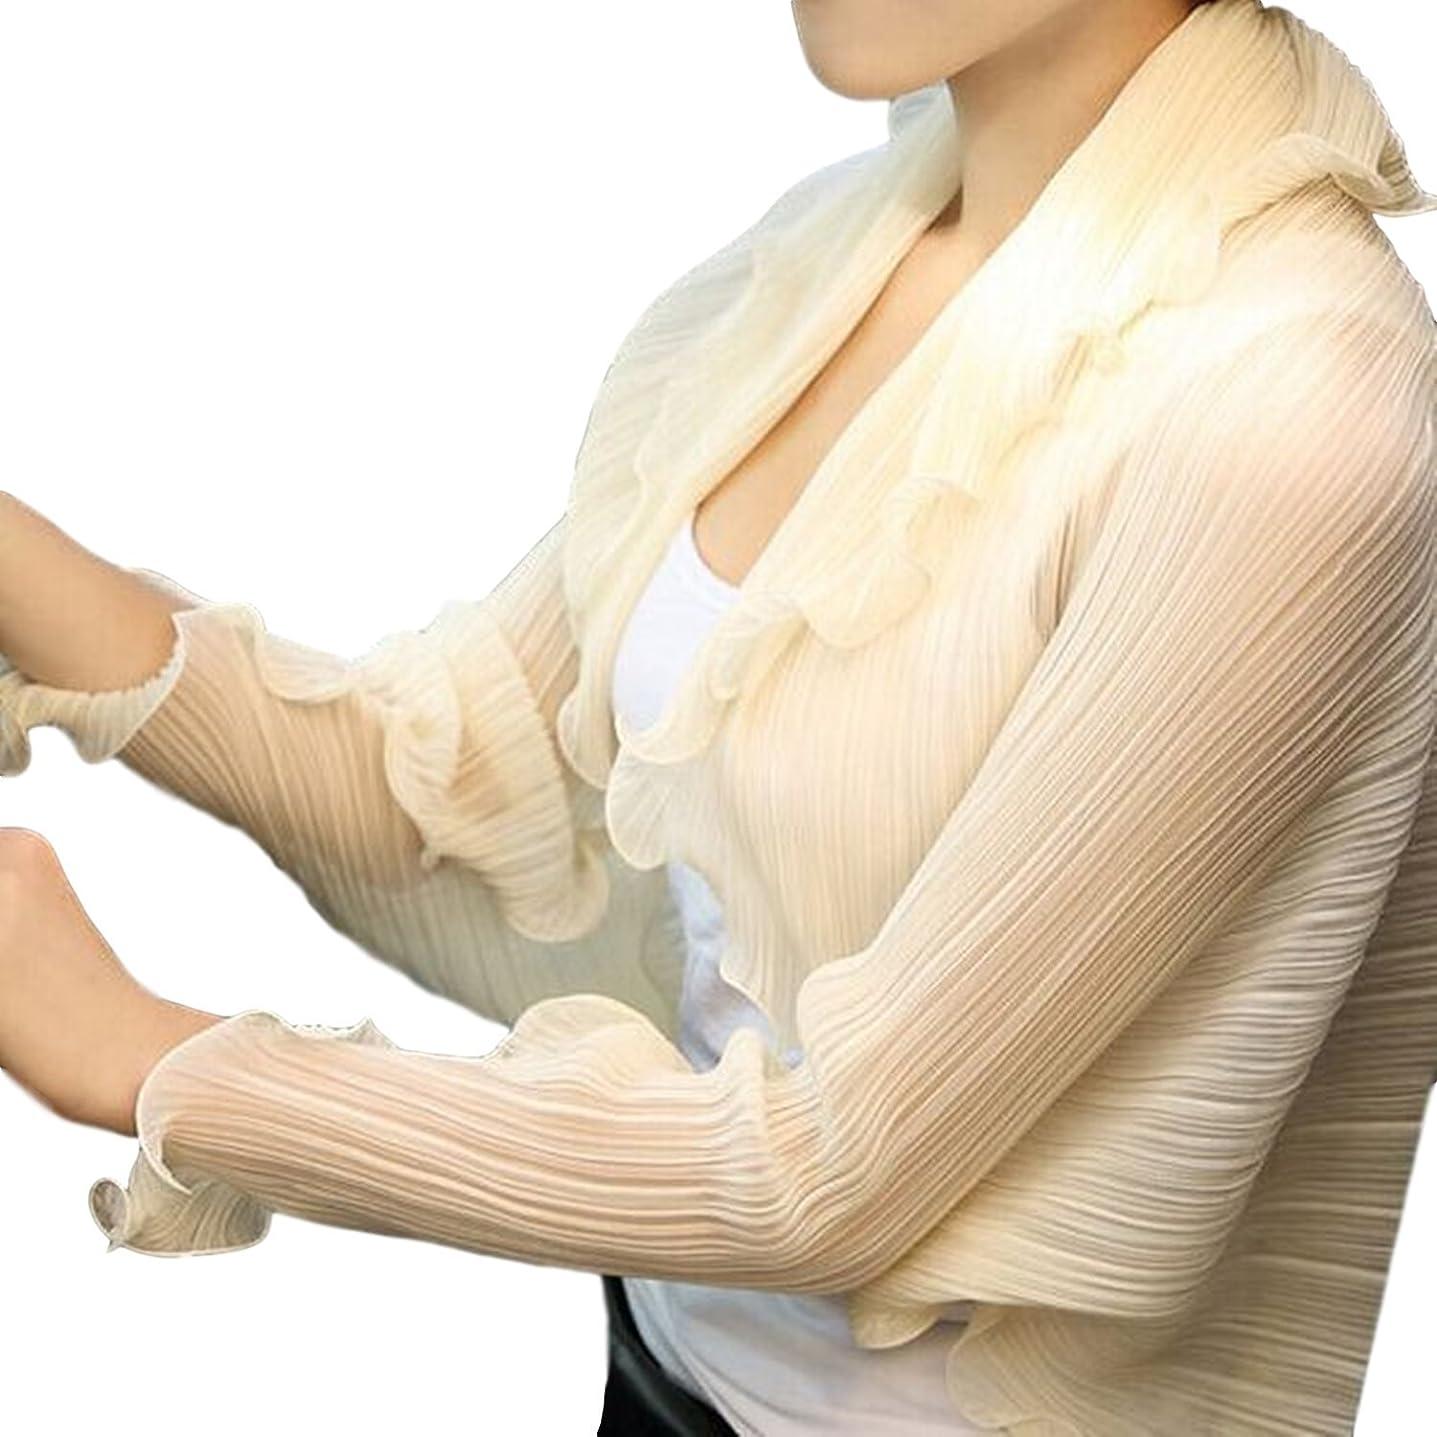 体細胞寛大さ予防接種[ルリジューズ] ストール ボレロ UV 紫外線 カット 日焼け 防止 アーム カバー ショール 長袖 レディース